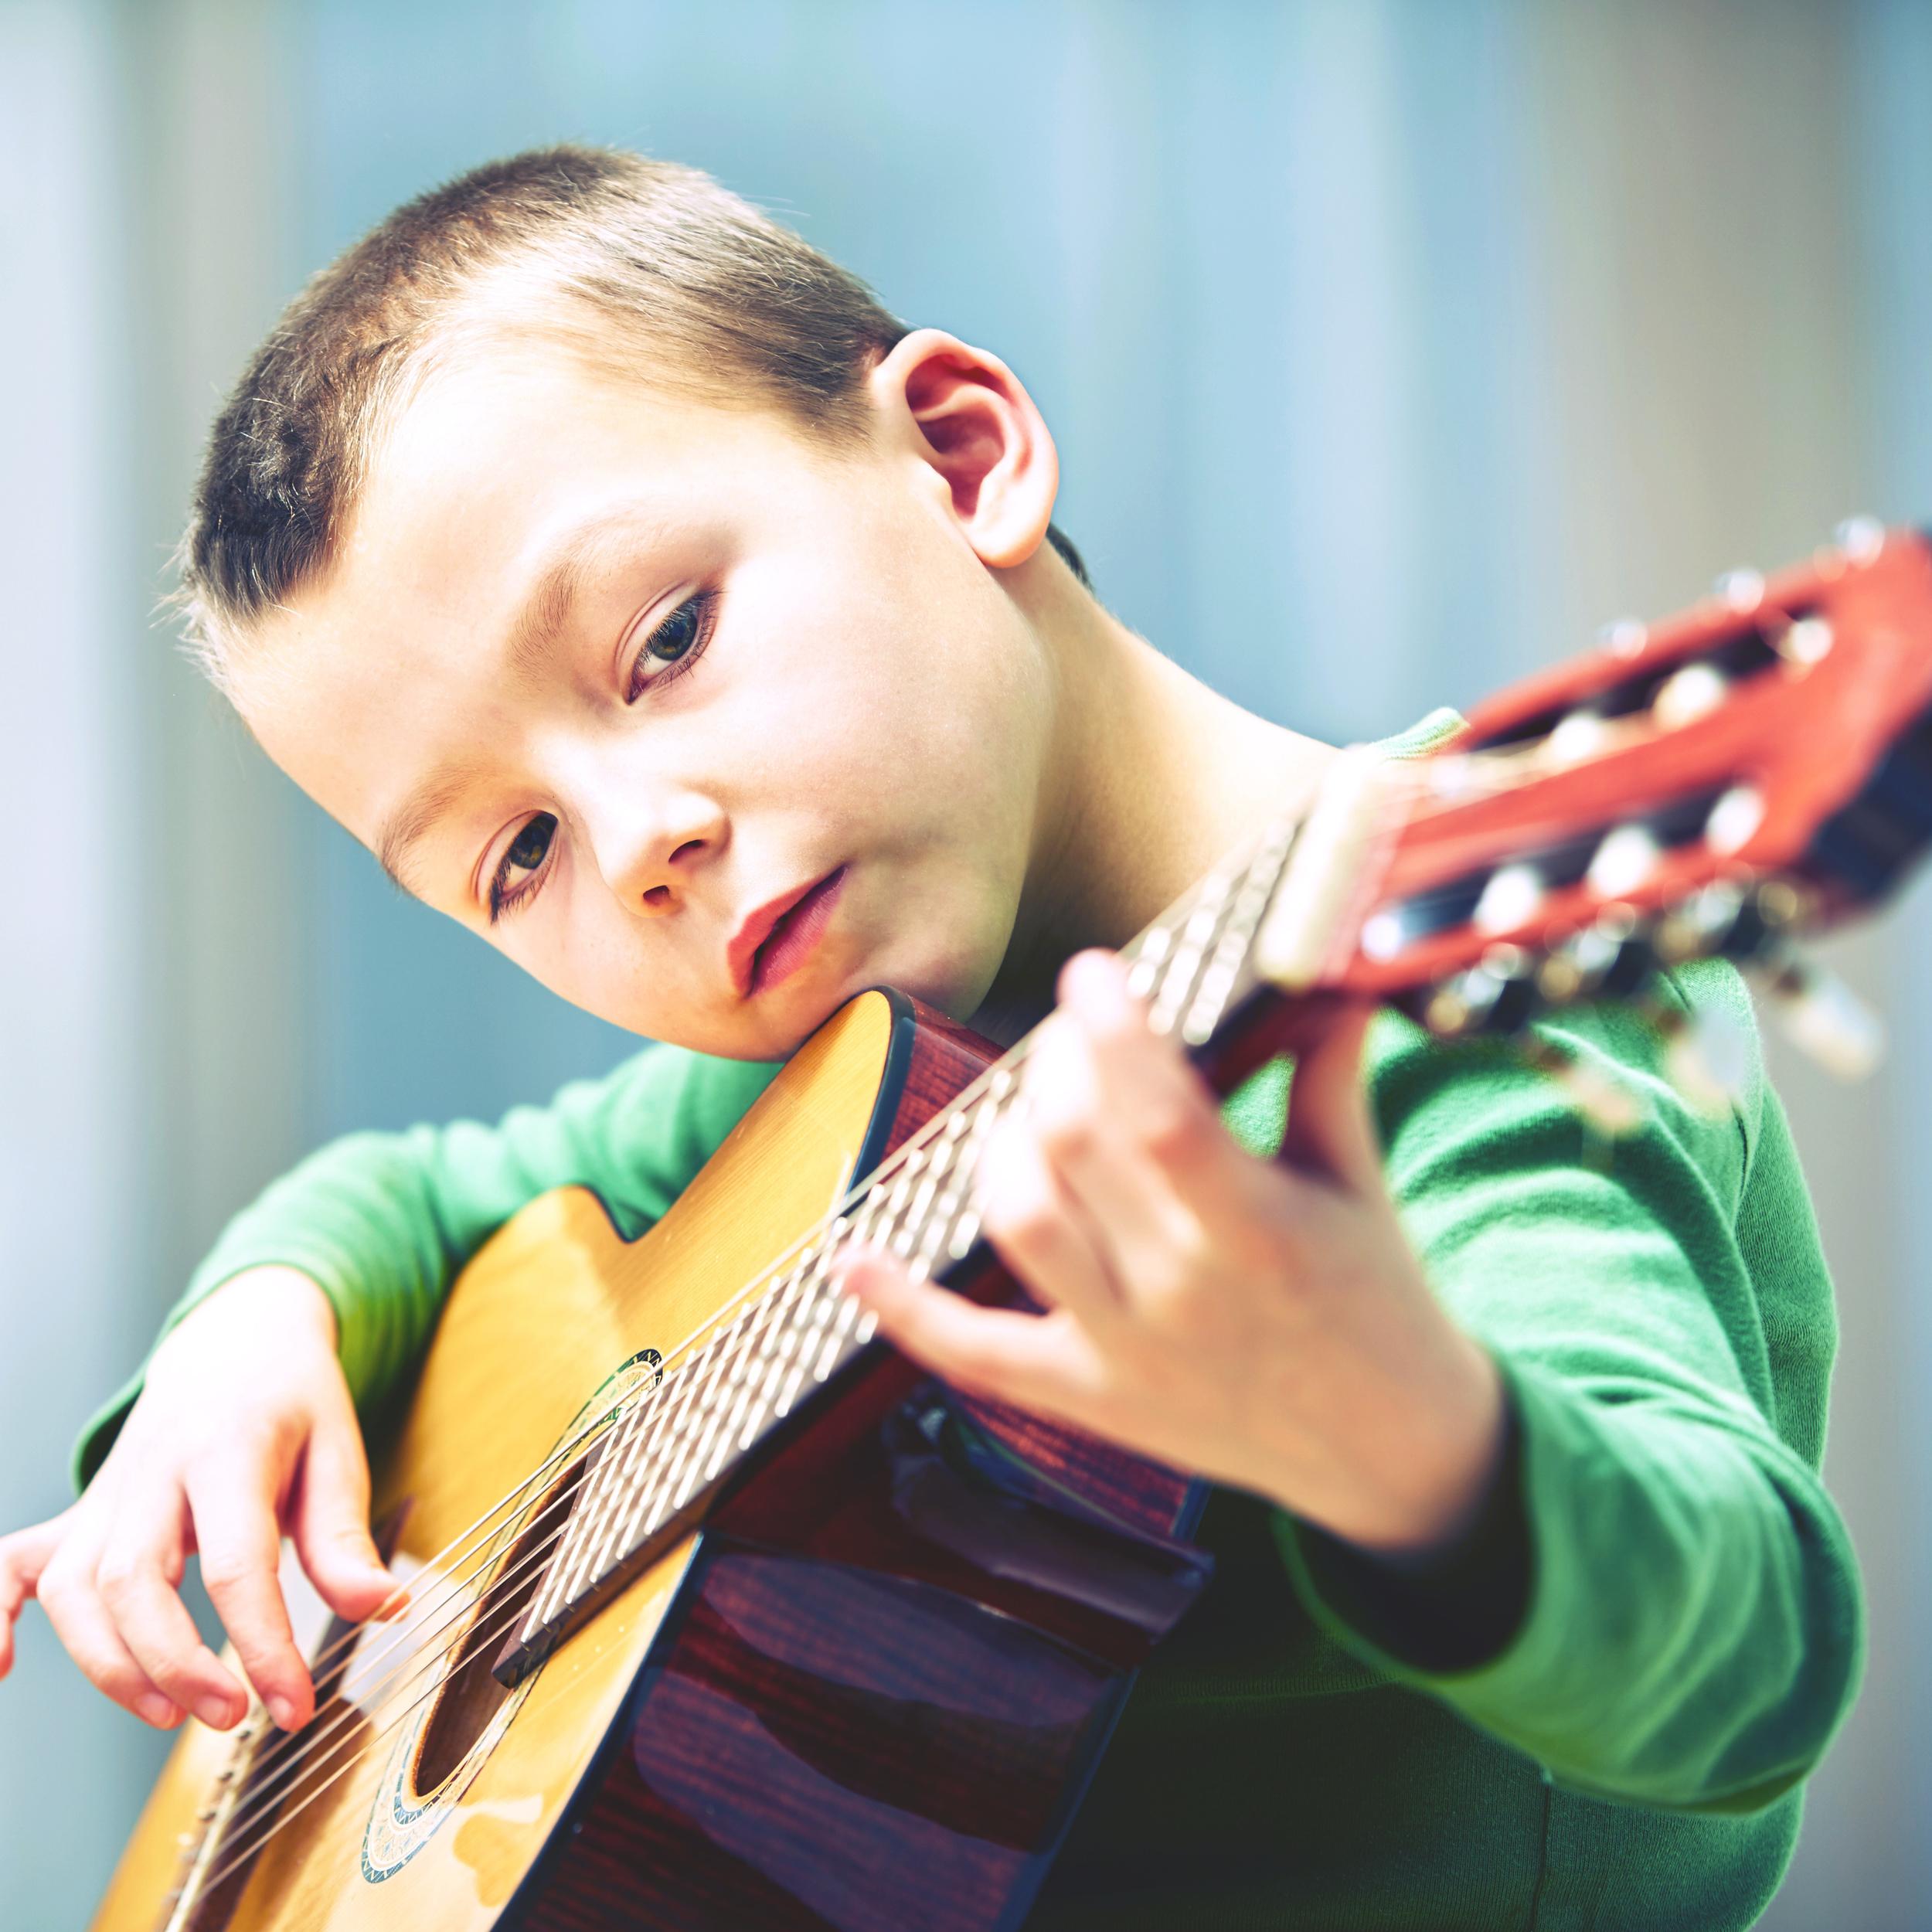 guitar-boy1.jpg